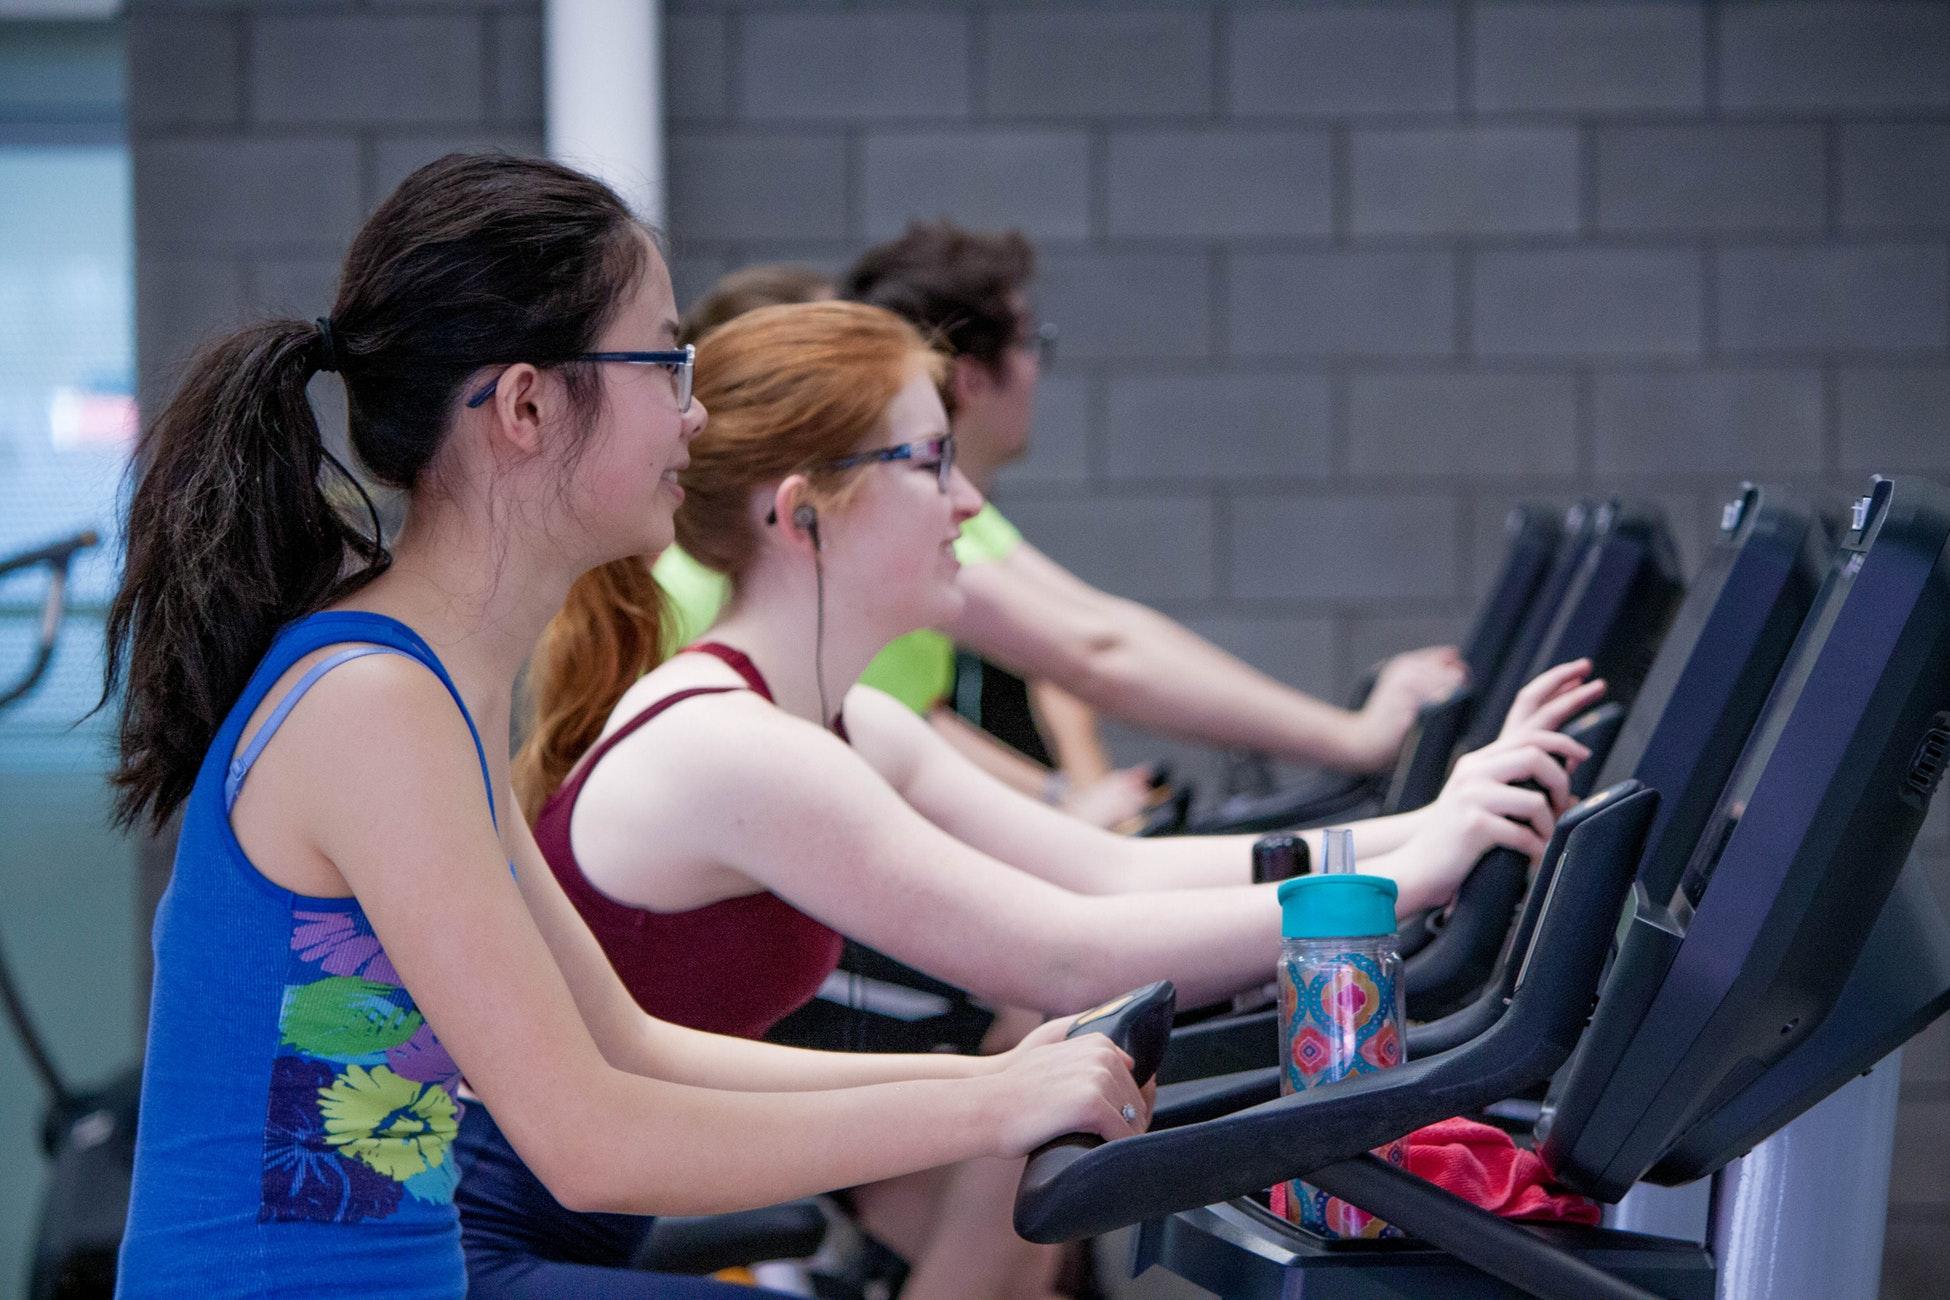 women walking on treadmill